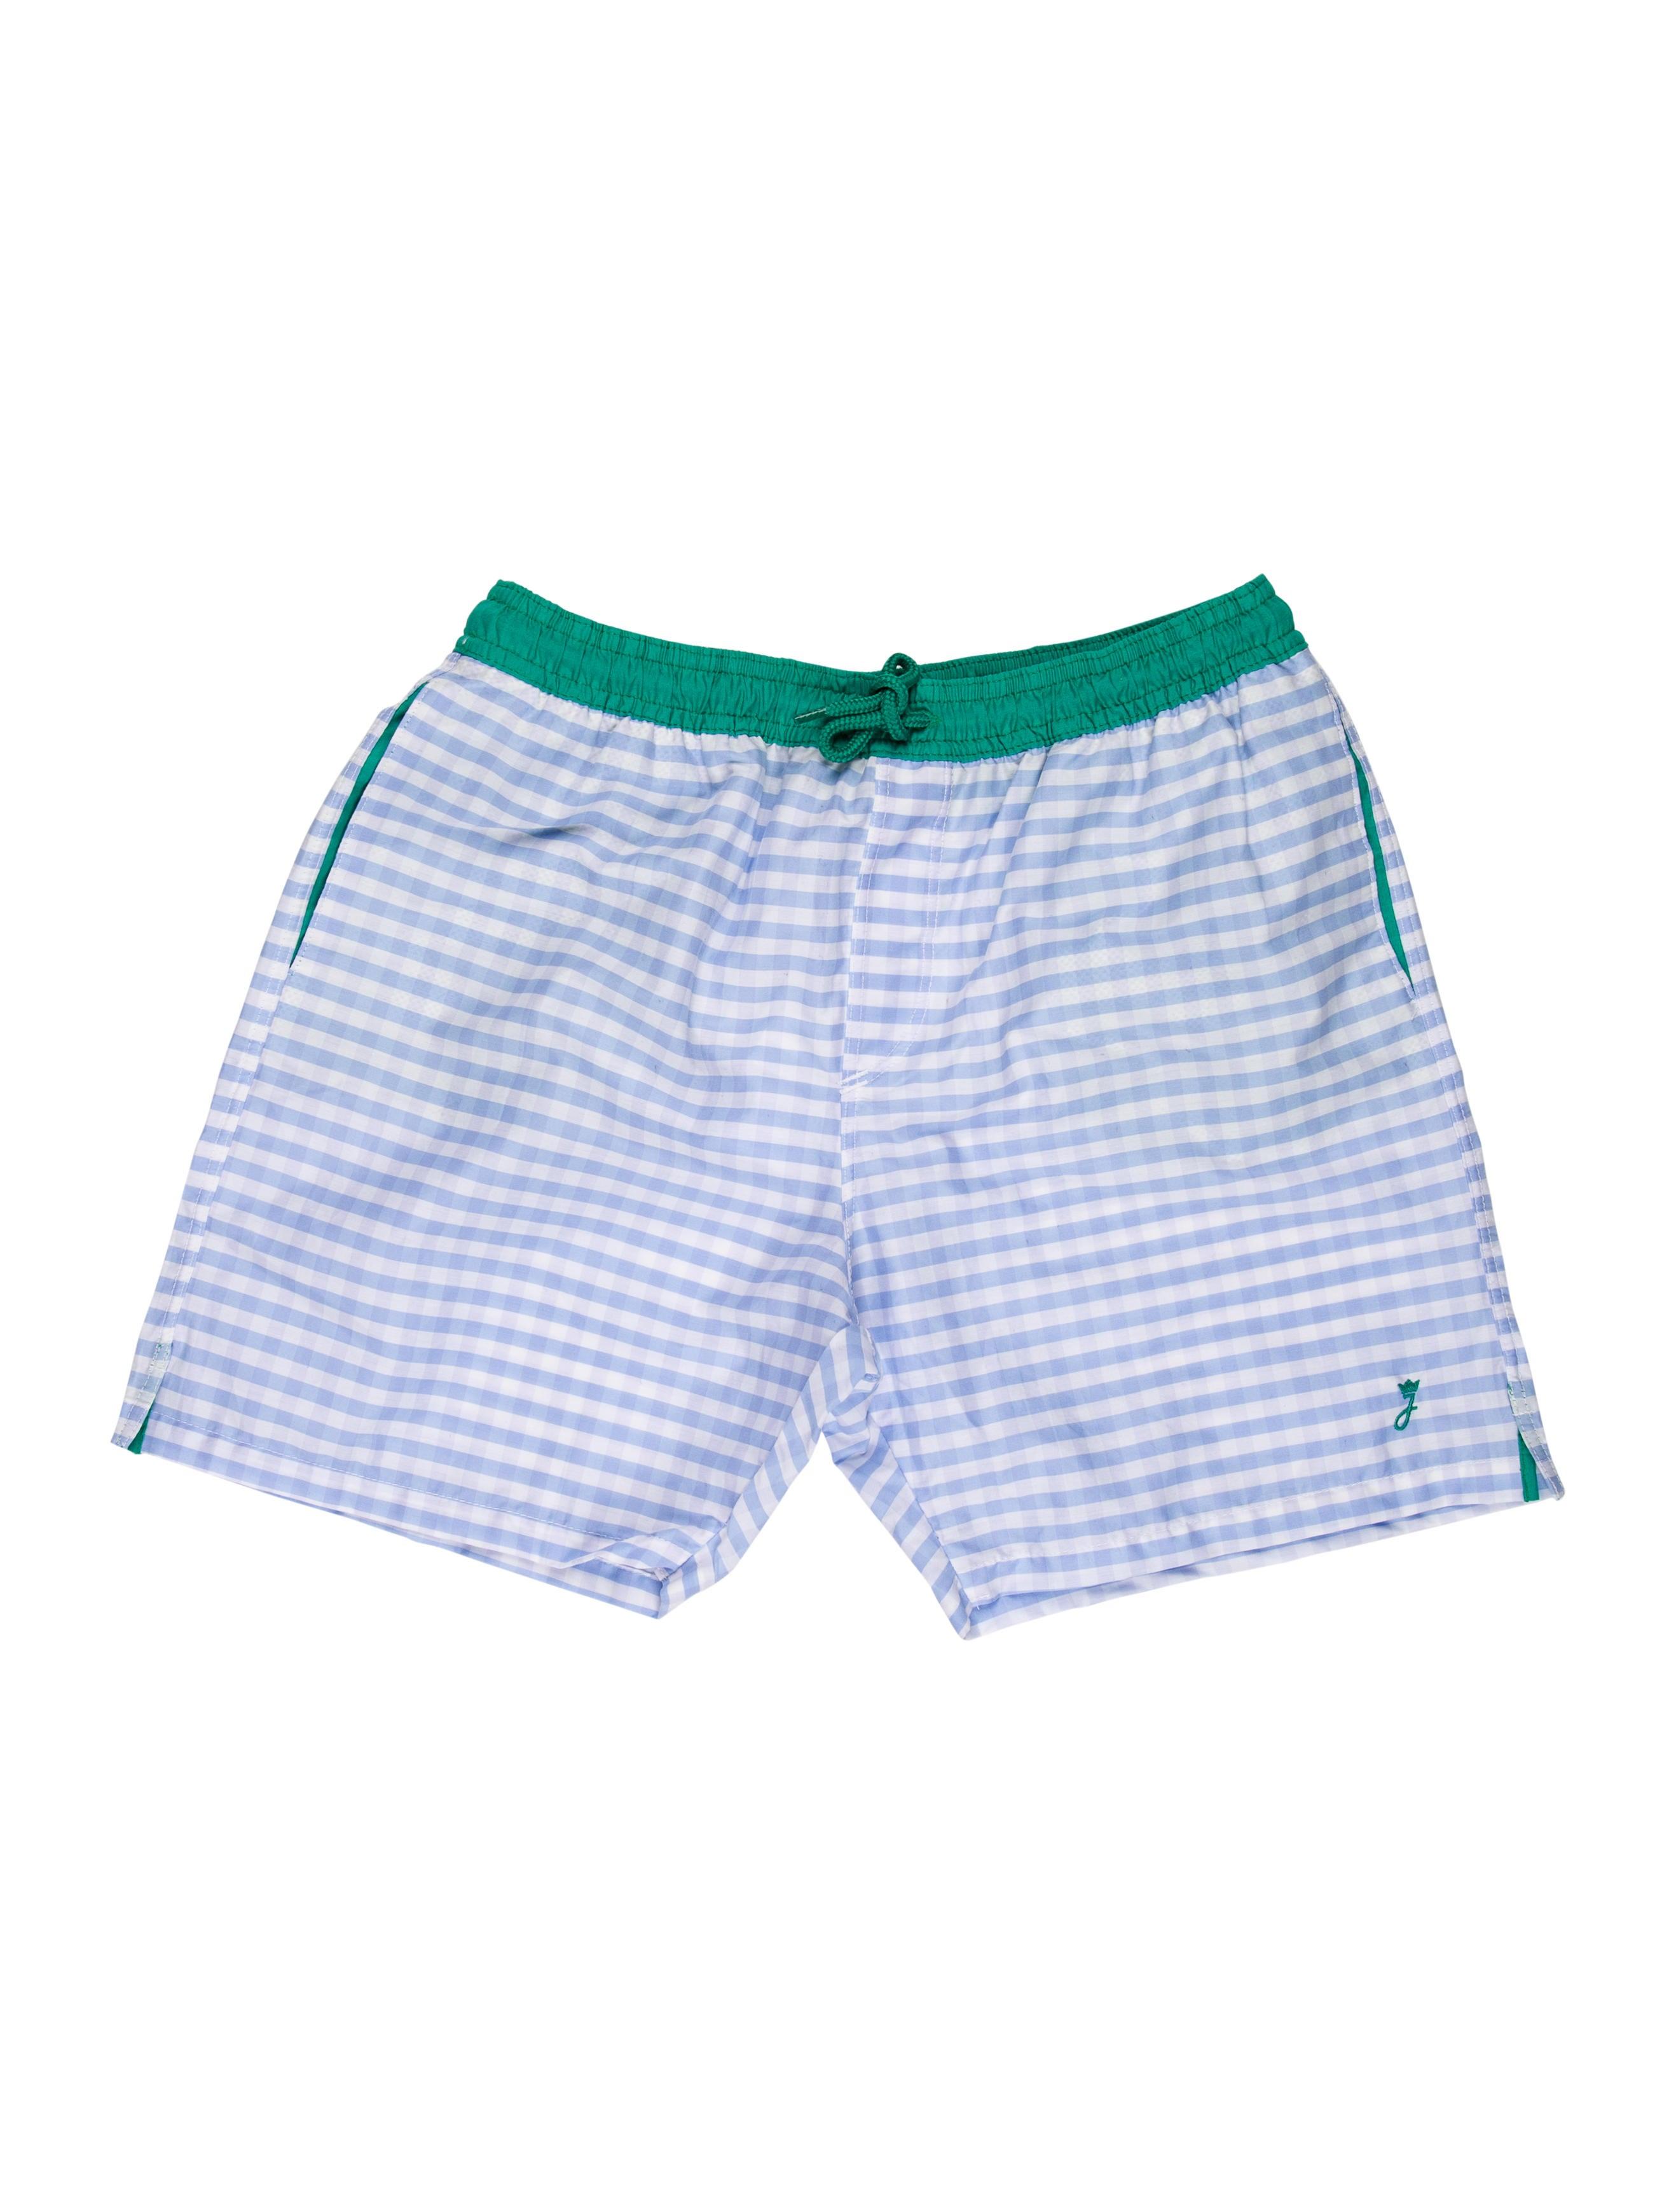 beafe922286ef Jacadi Boys' Checkered Swim Trunks w/ Tags - Boys - WJDCI27881 | The ...